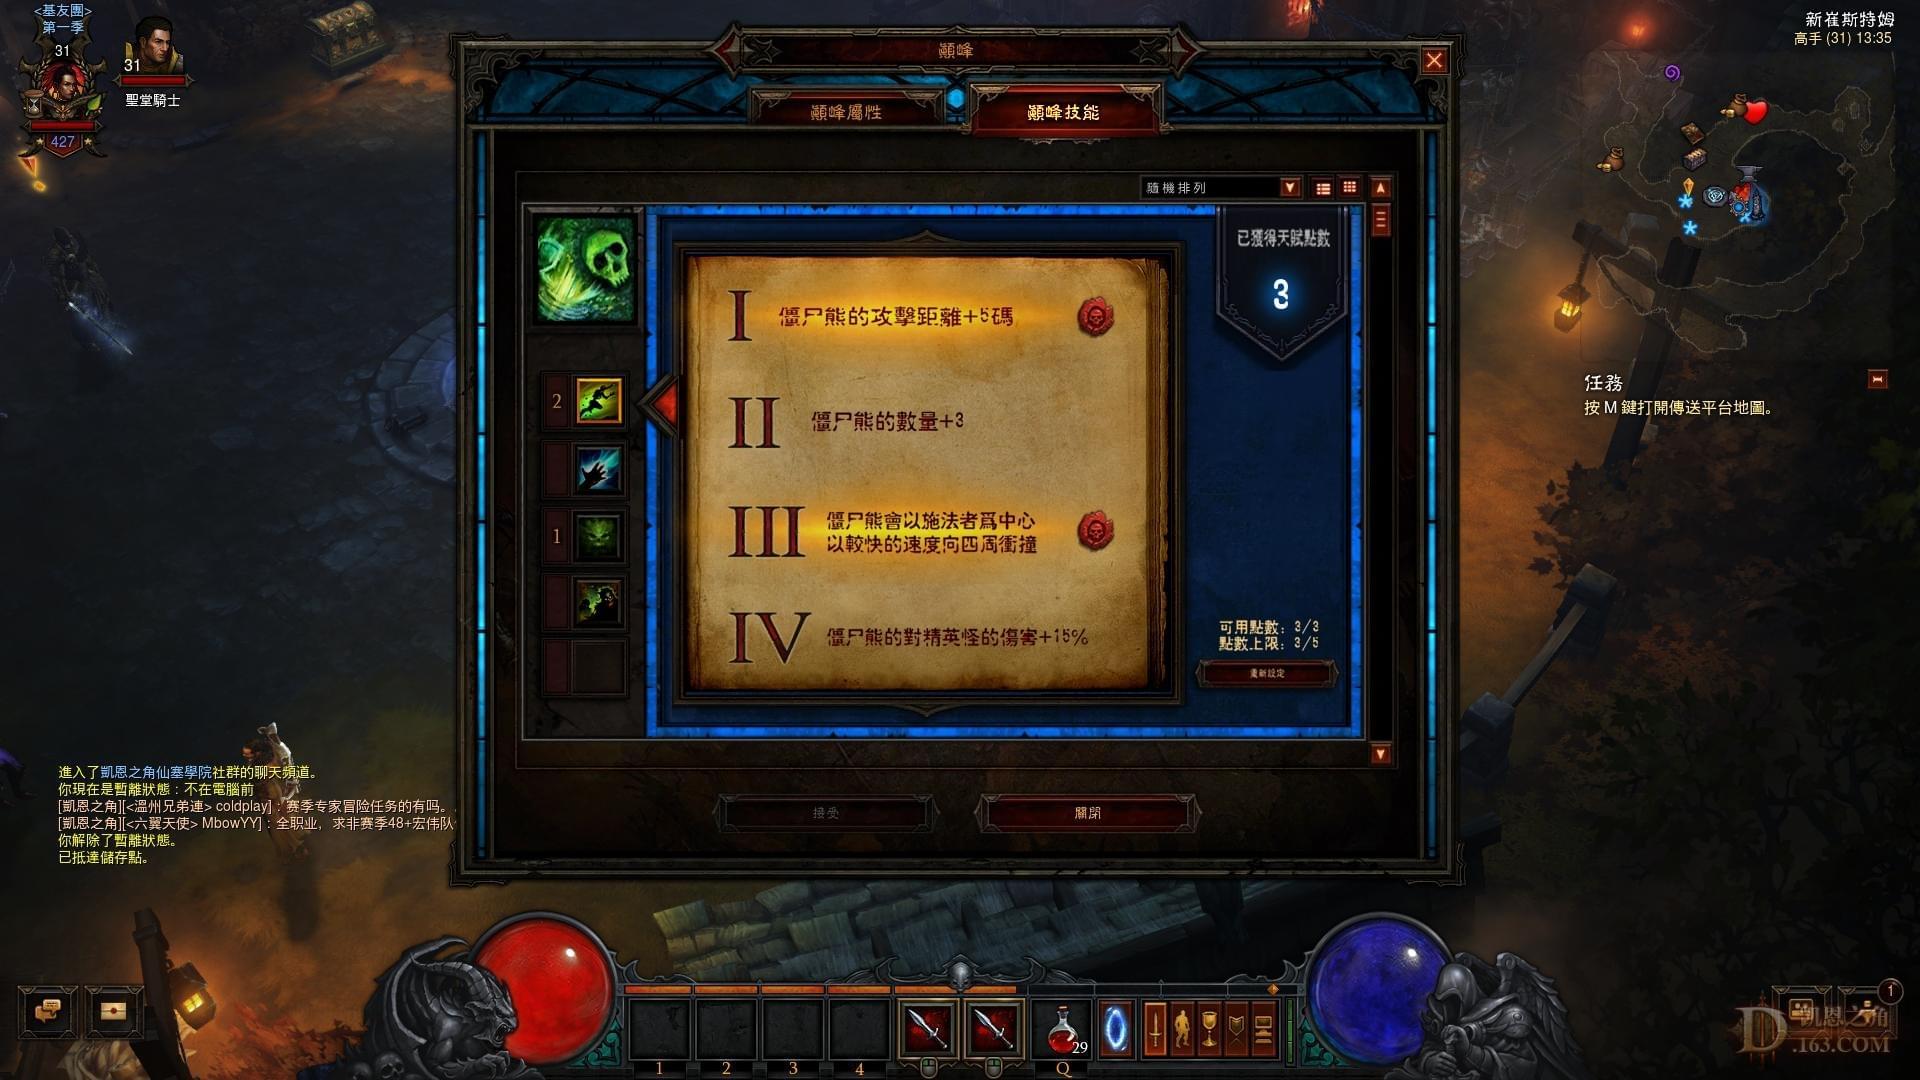 暗黑3评论:小谈游戏内的巅峰点数加成系统